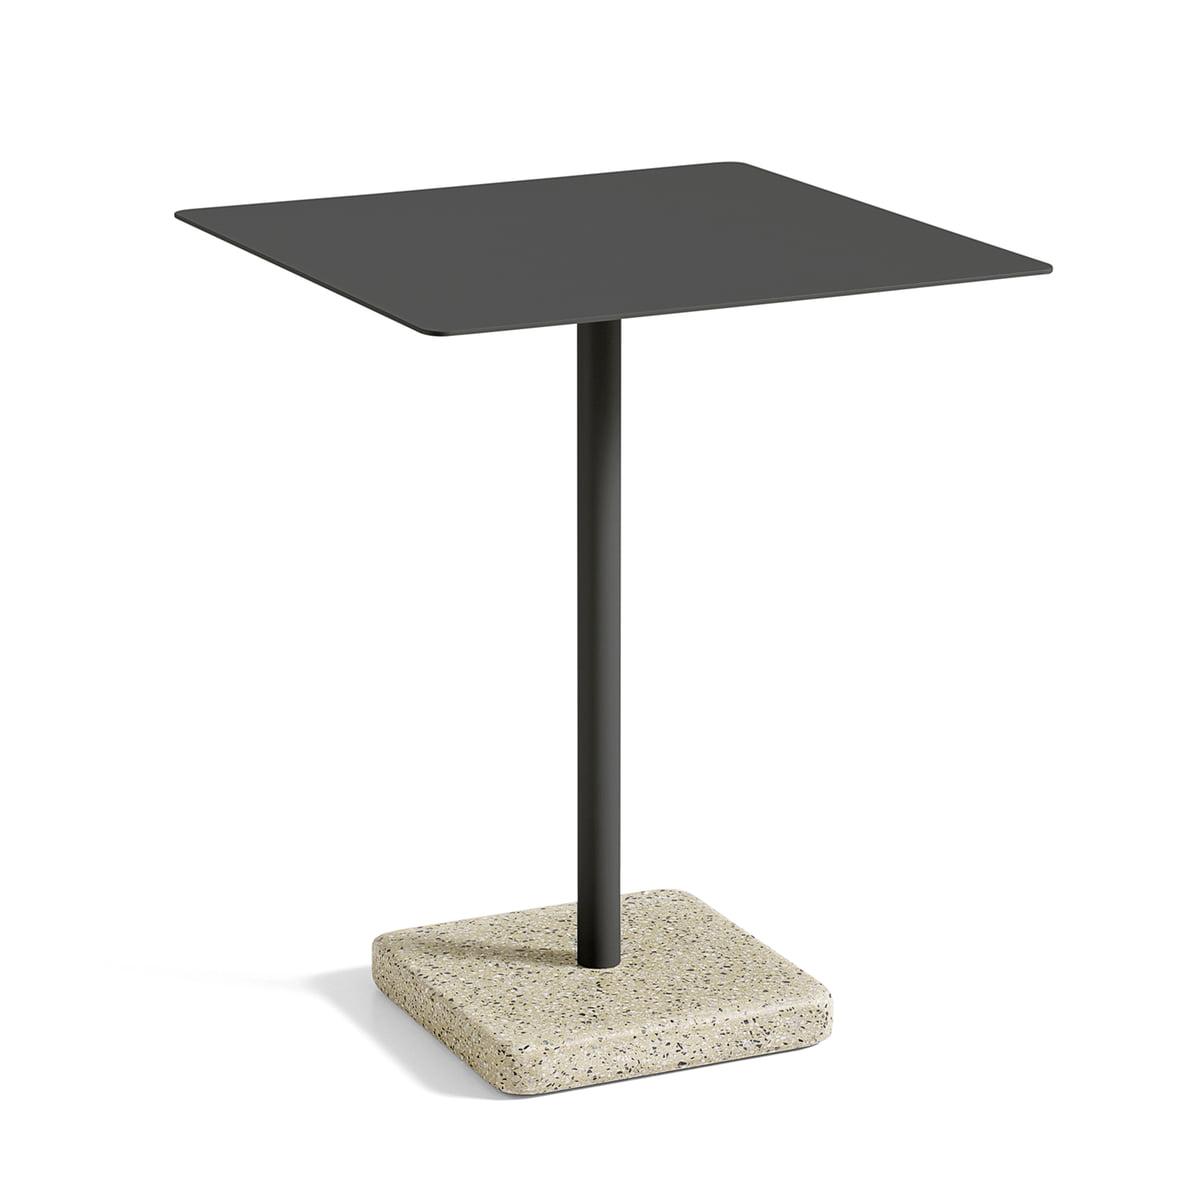 Terrazzo tisch quadratisch von hay im shop for Tisch schwarz